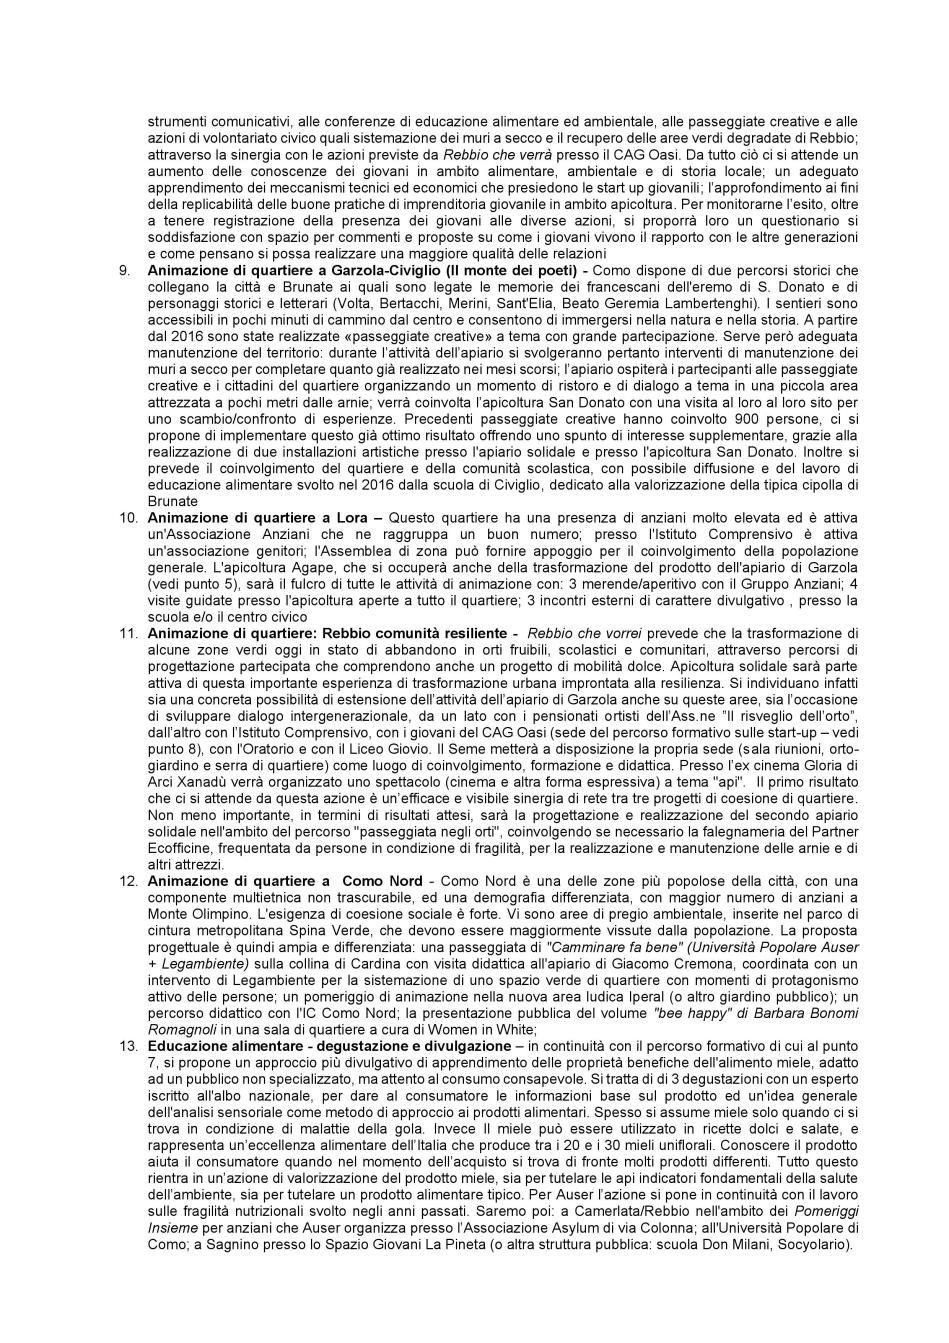 APICOLTURA SOLIDALE-8